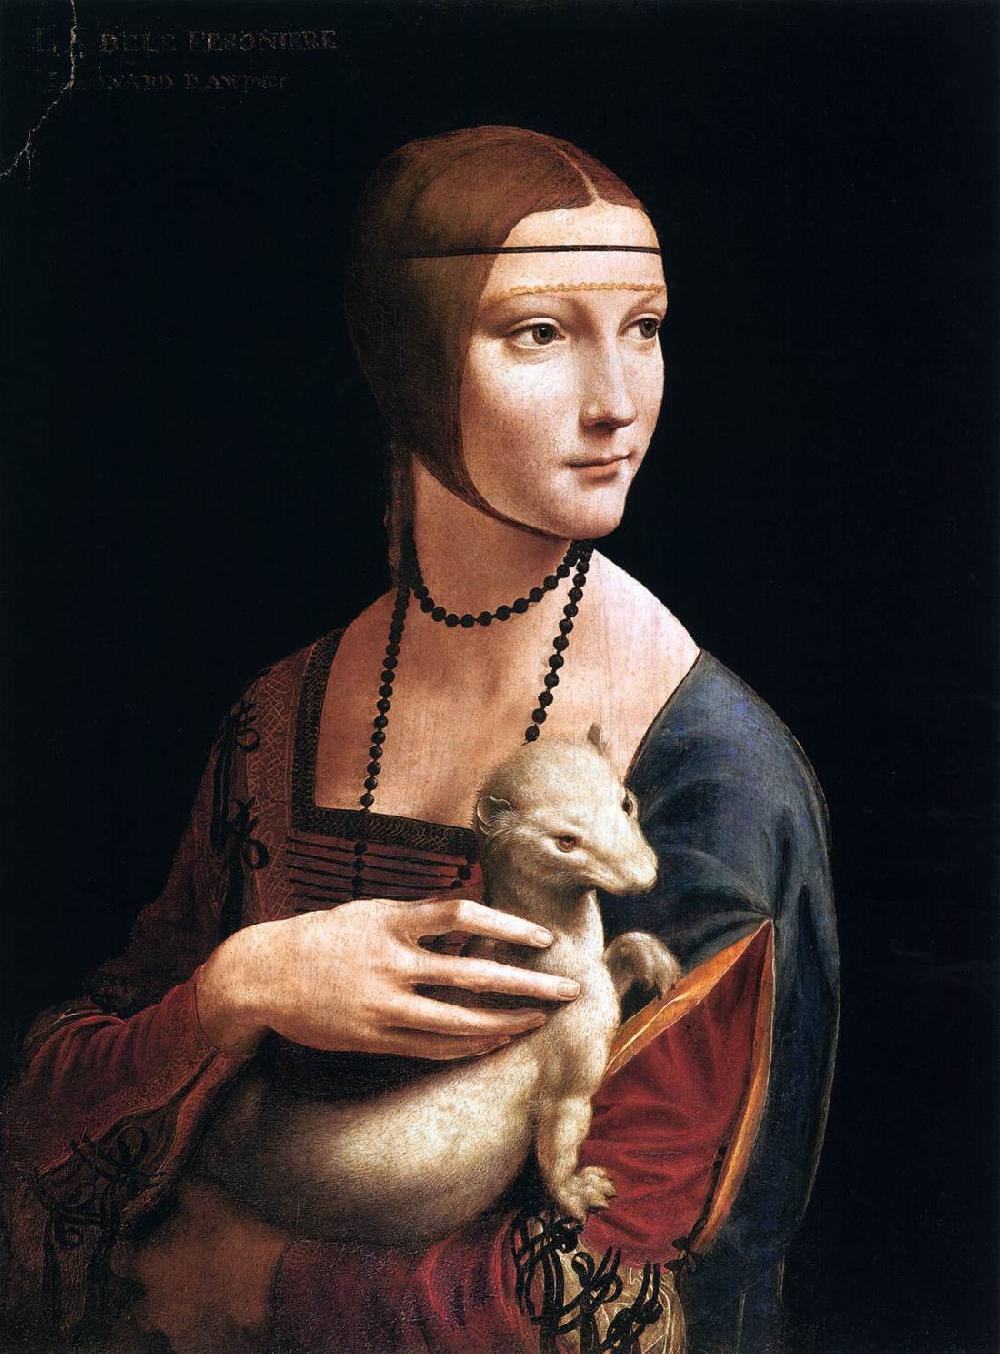 A lengyel kormány megveszi az egyik leghíresebb Leonardo-festményt, a Hölgy hermelinnelt